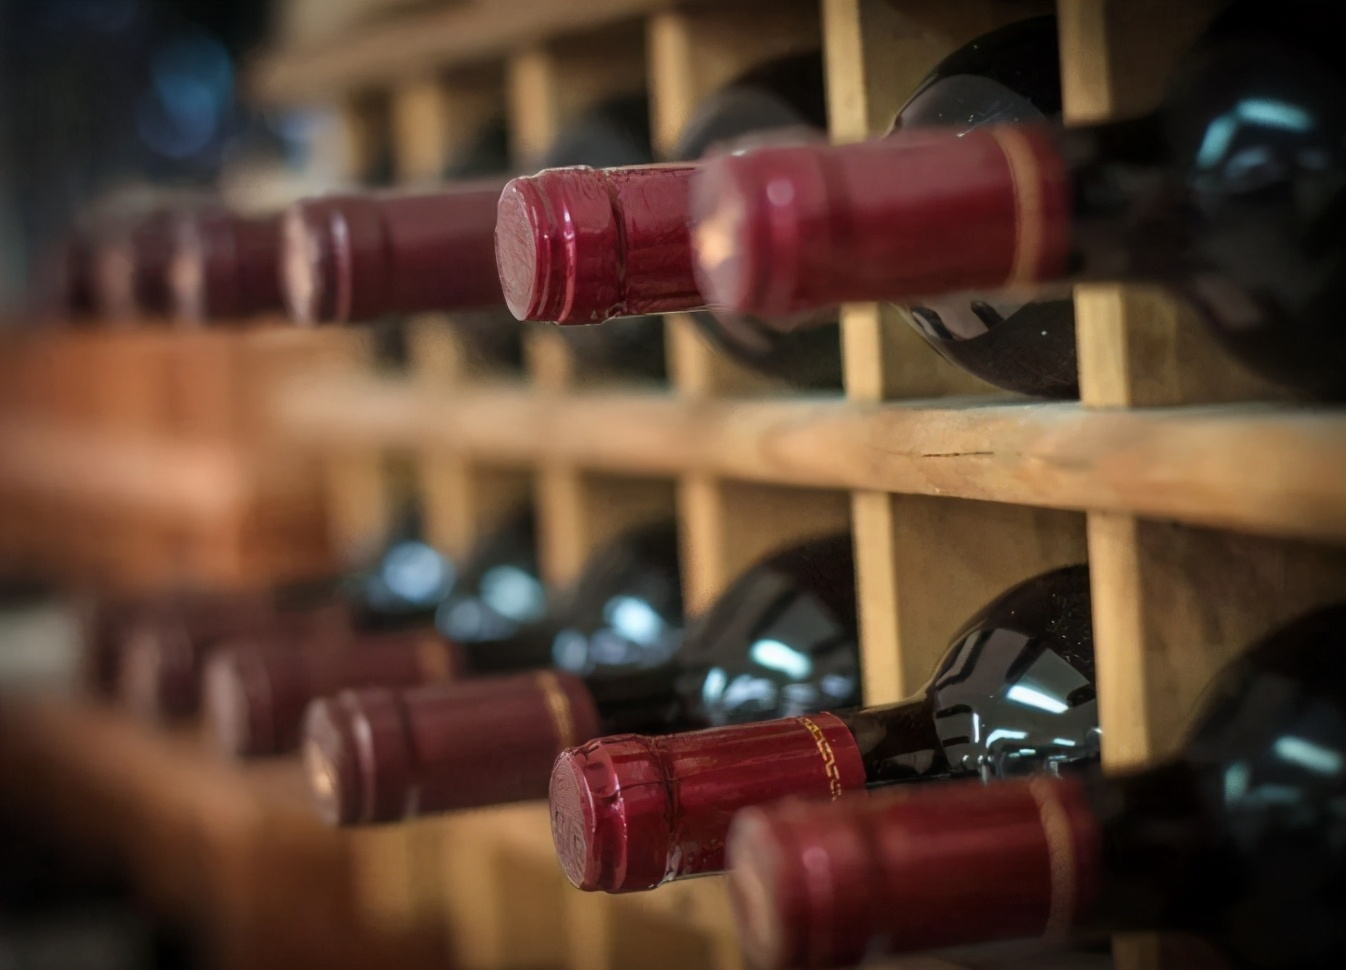 盟友的承诺没有一个兑现,澳大利亚葡萄酒出口直线下降,澳大利亚商人开始怀念中国